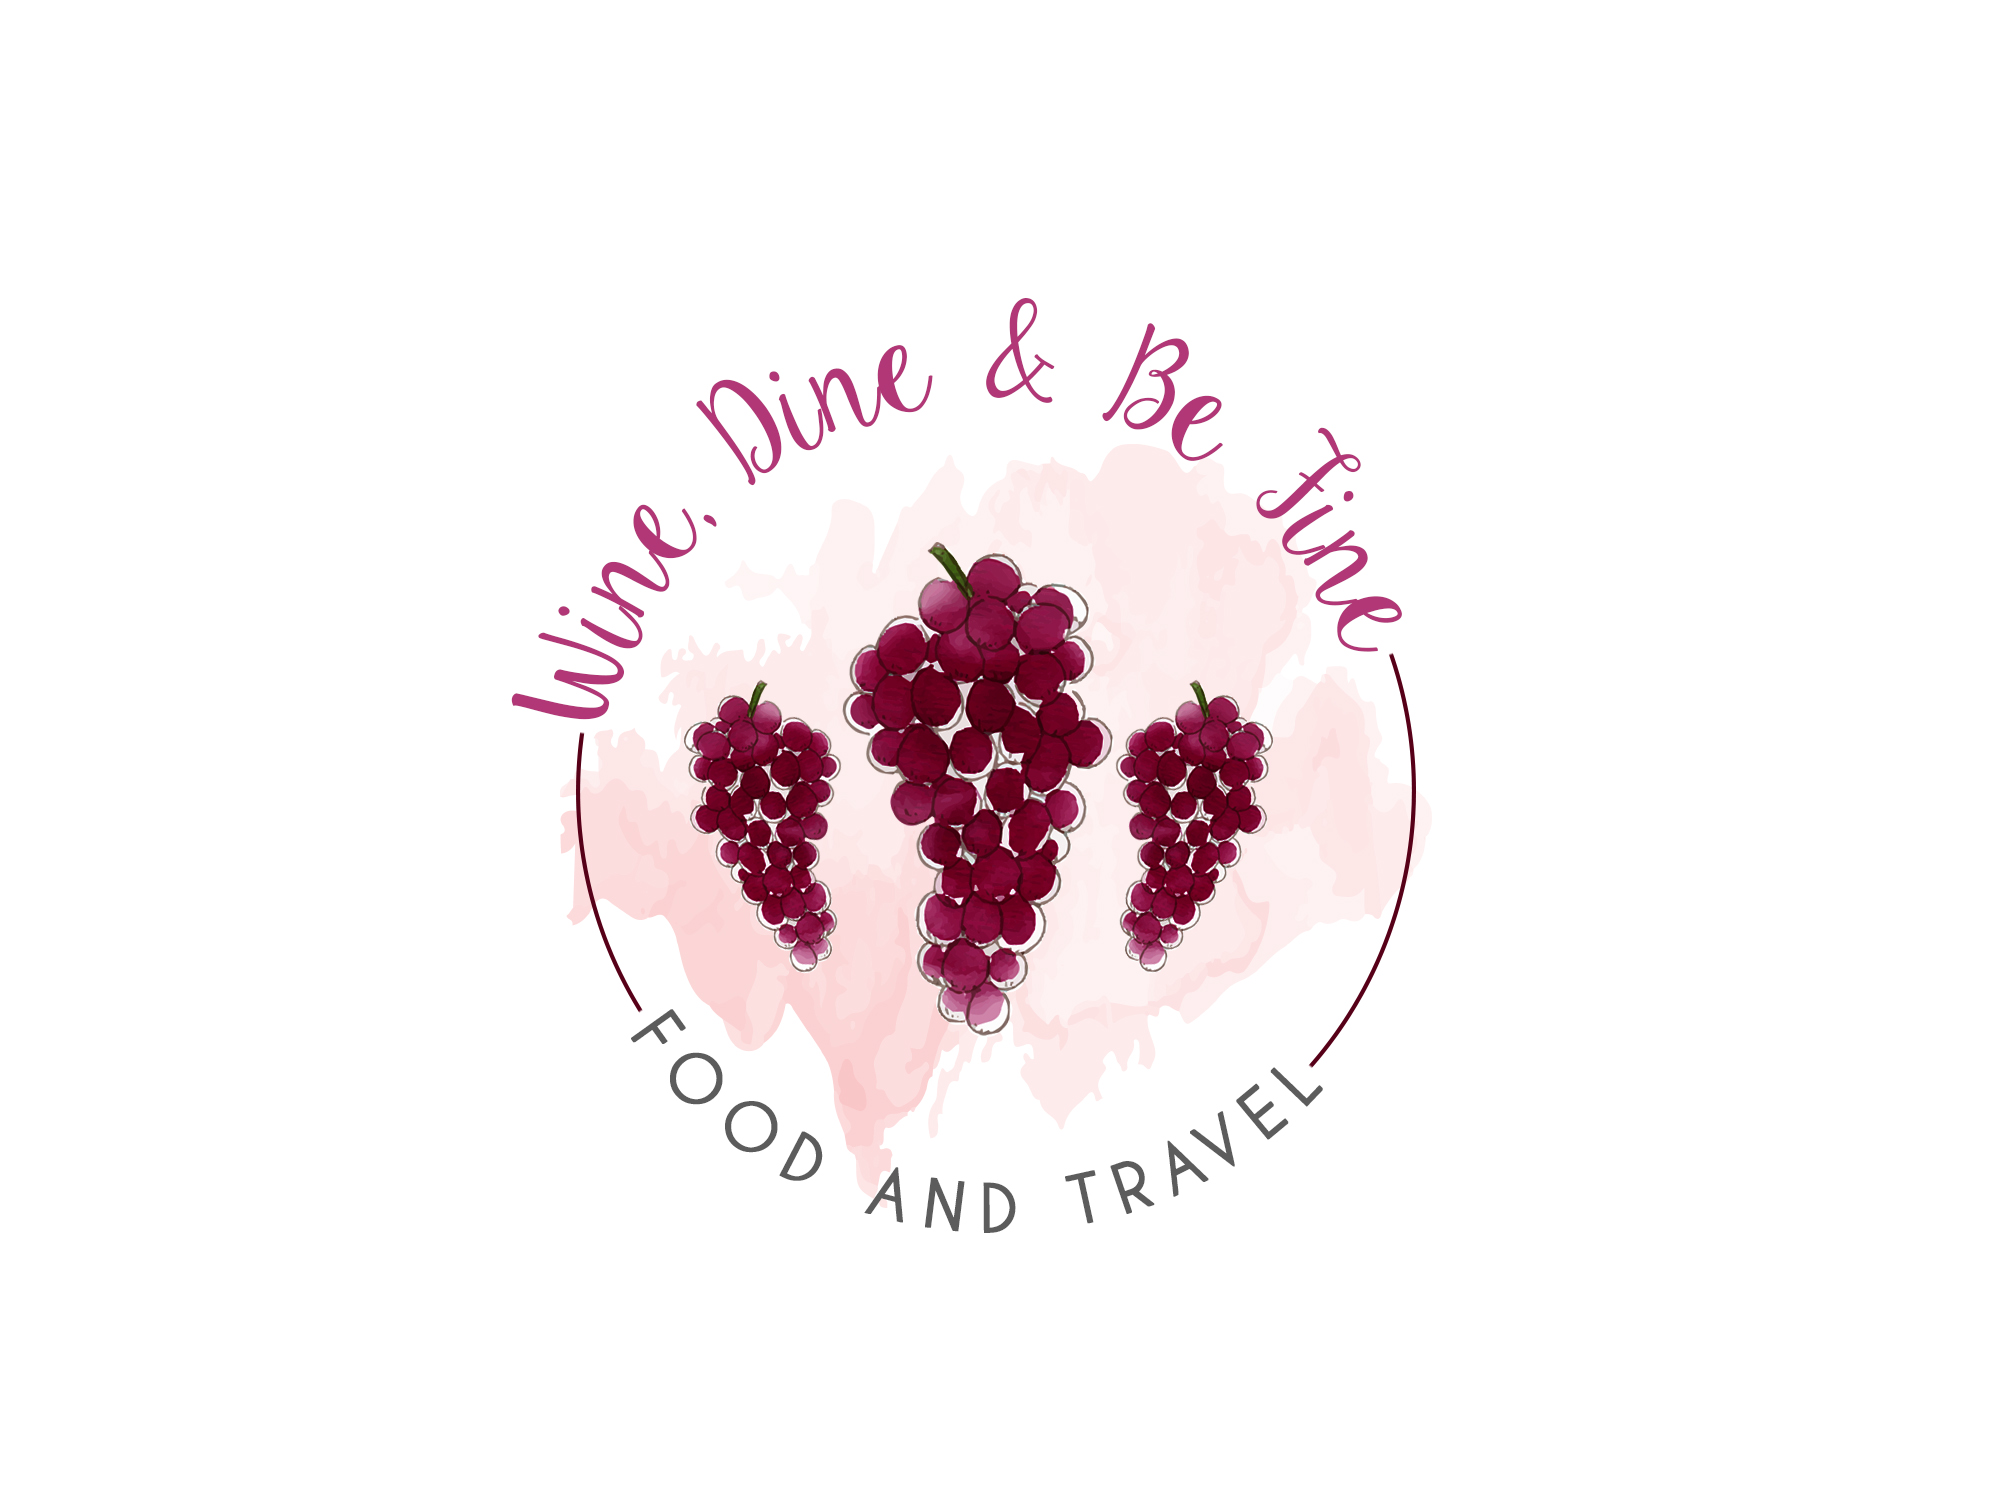 Wine, Dine, & Be Fine